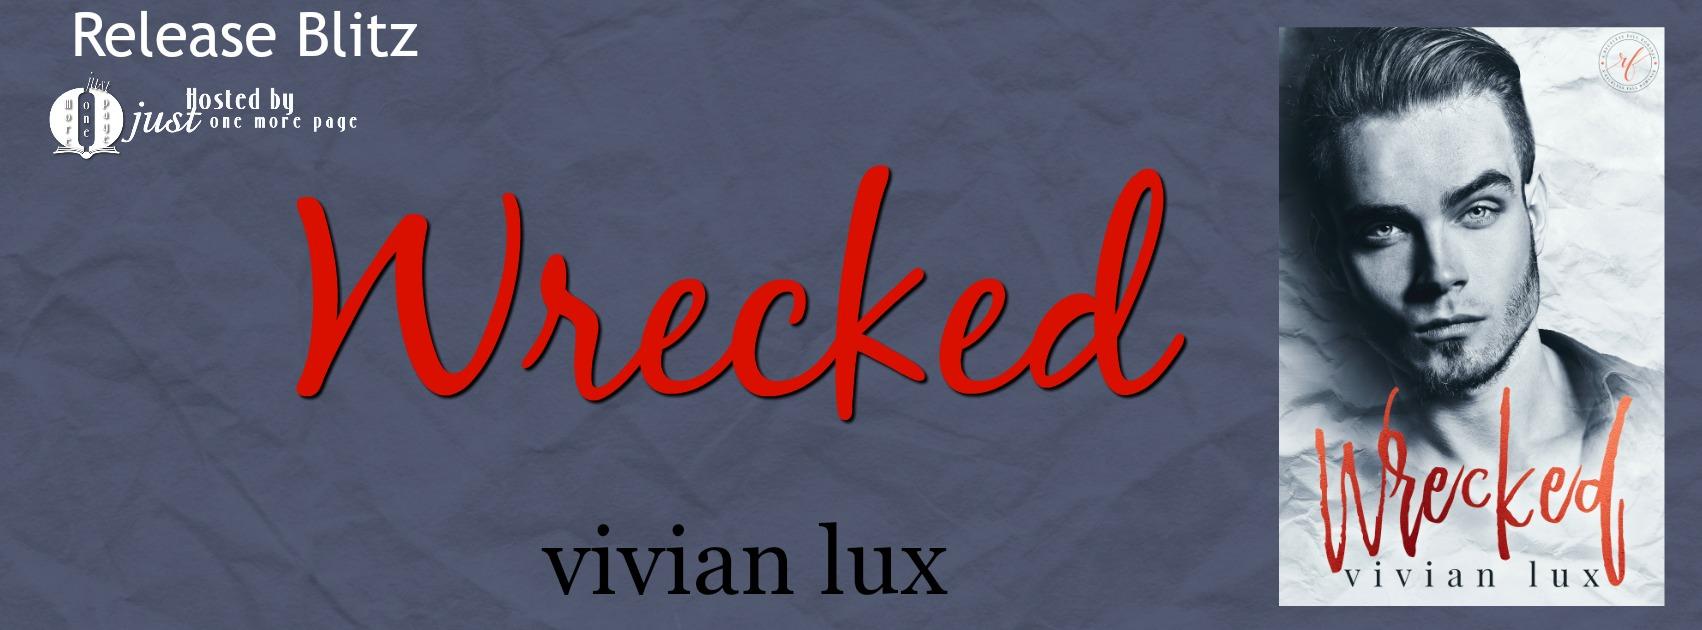 wreckedrelease